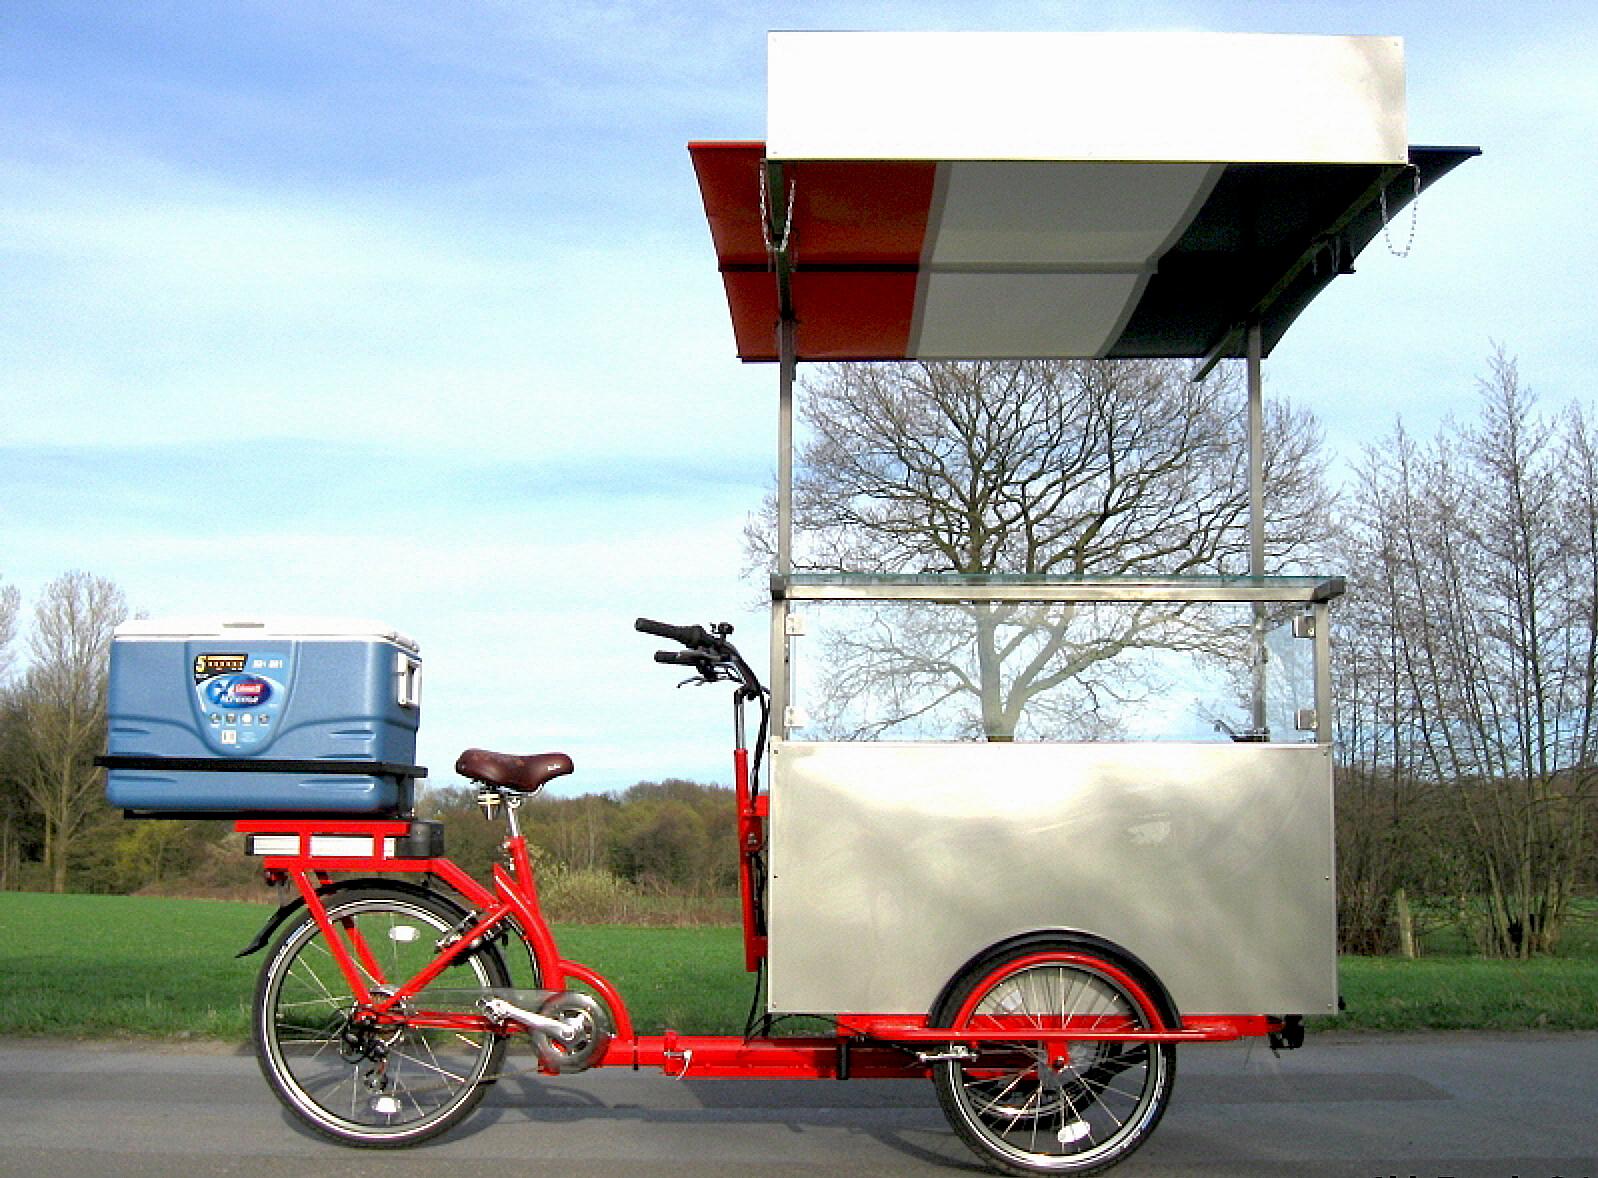 Roadshow-Mobile-Marketing_Push-Carts_2